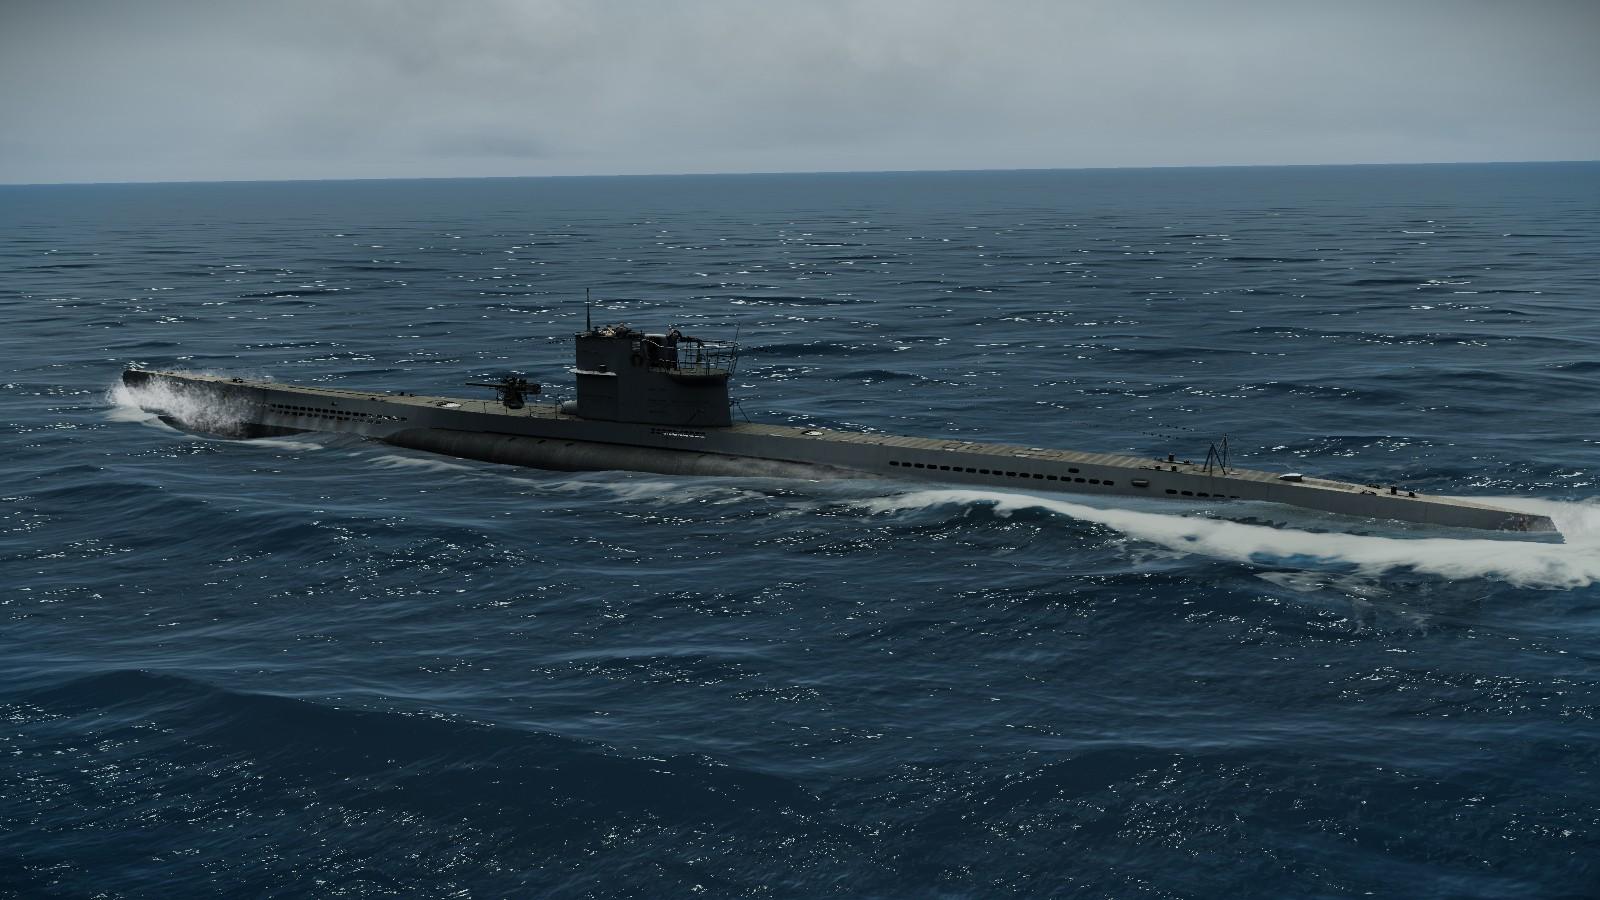 сюжет может фото военных кораблей подводных лодок на смартфон жизни